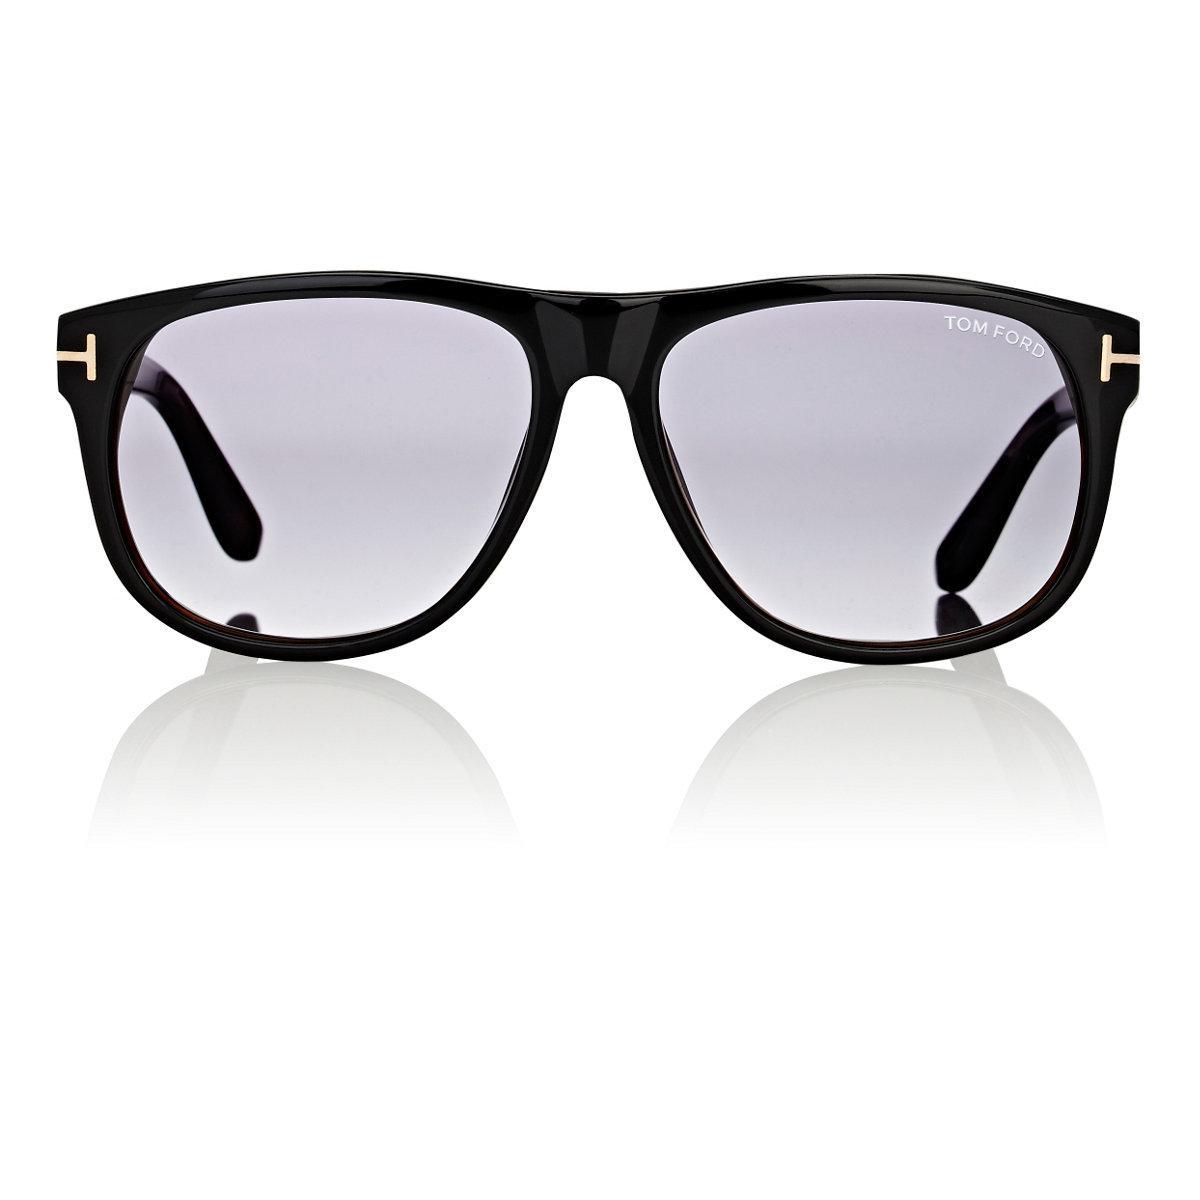 cd14441850 Lyst - Tom Ford Olivier Sunglasses in Black for Men